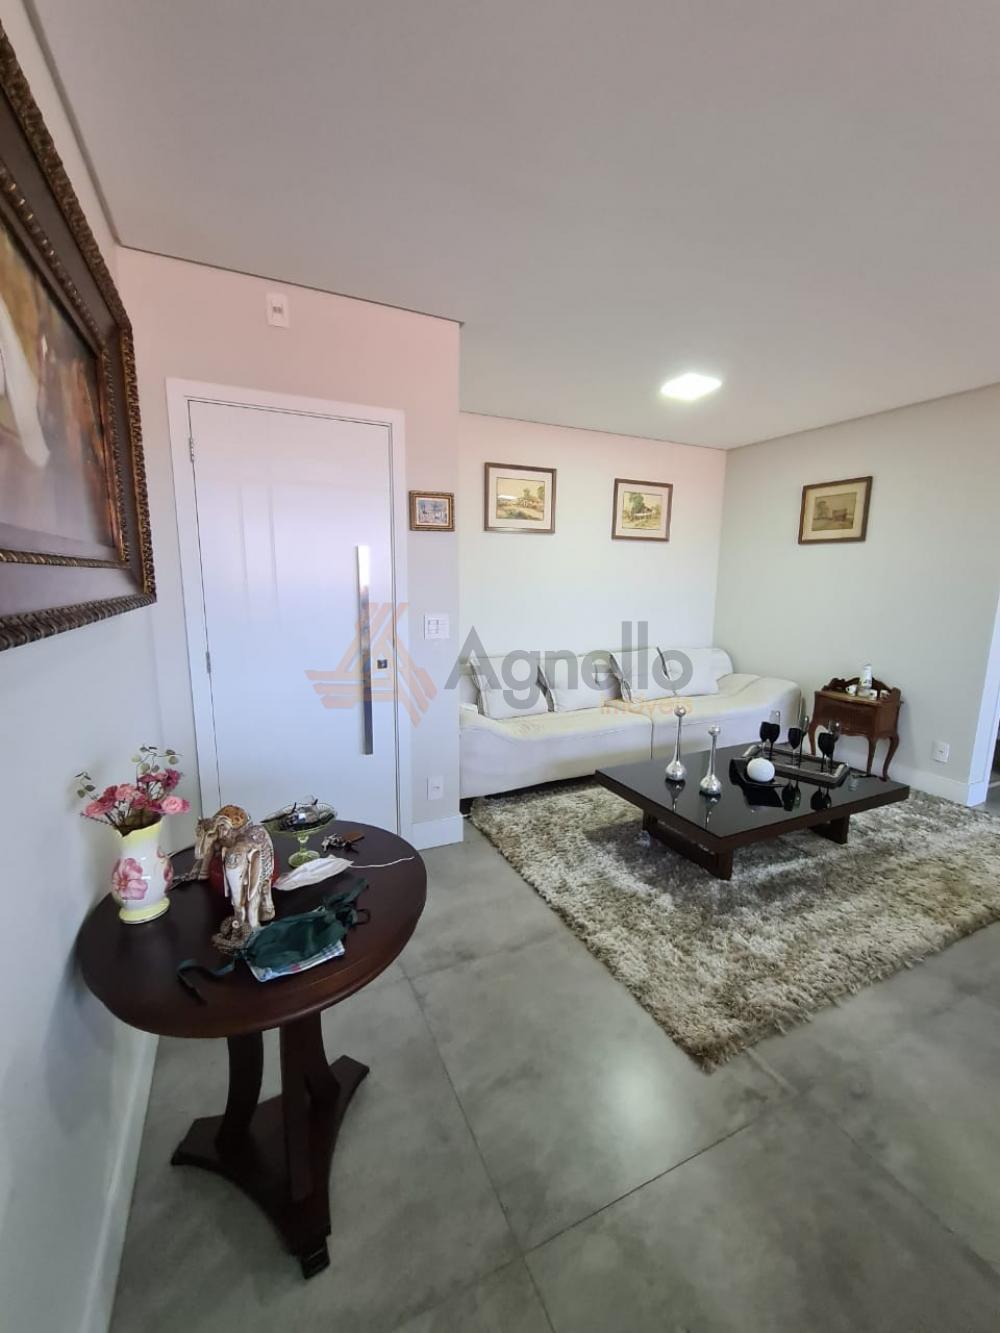 Comprar Apartamento / Padrão em Franca R$ 850.000,00 - Foto 4